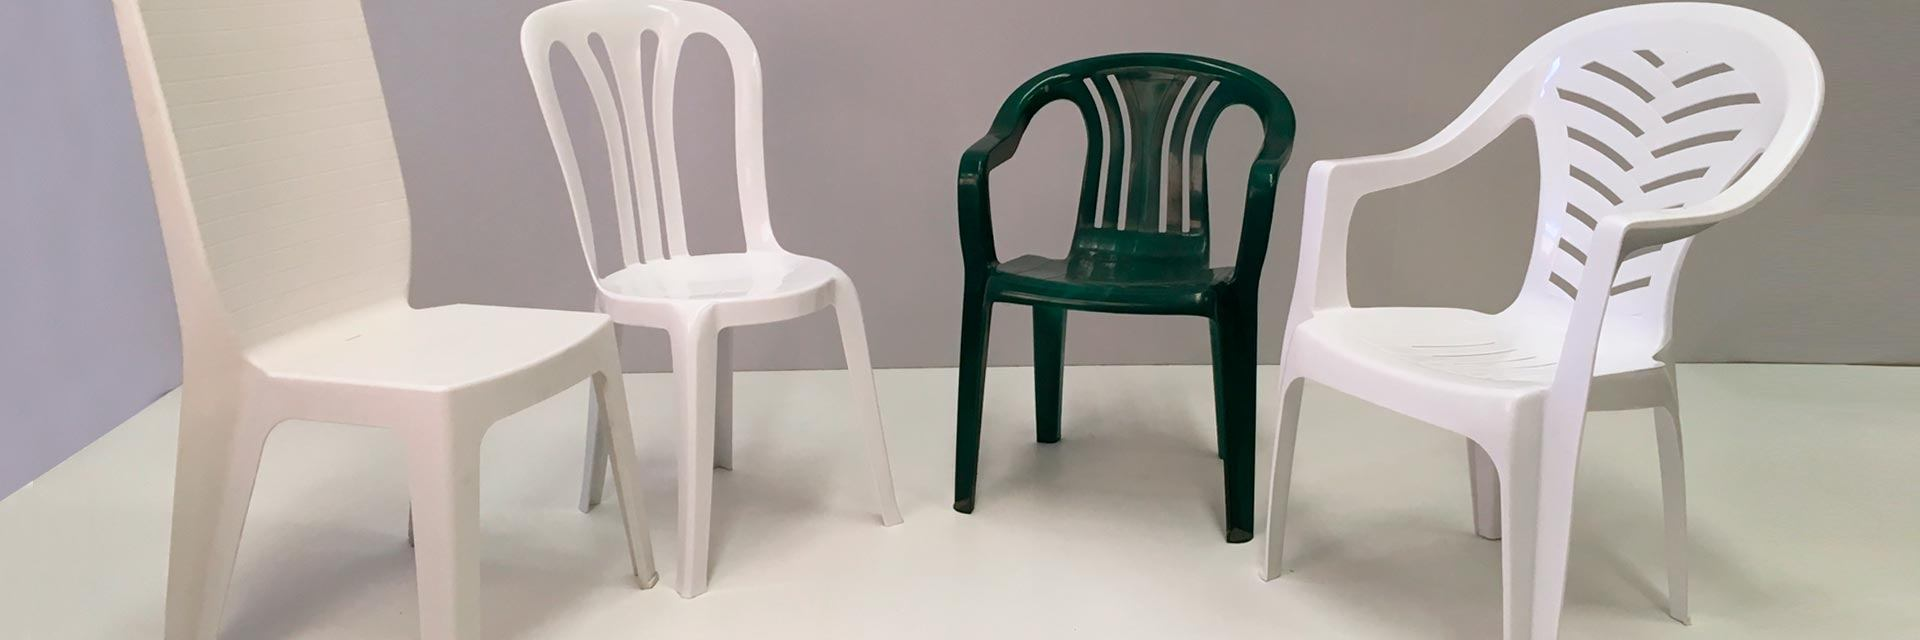 sillas de resina